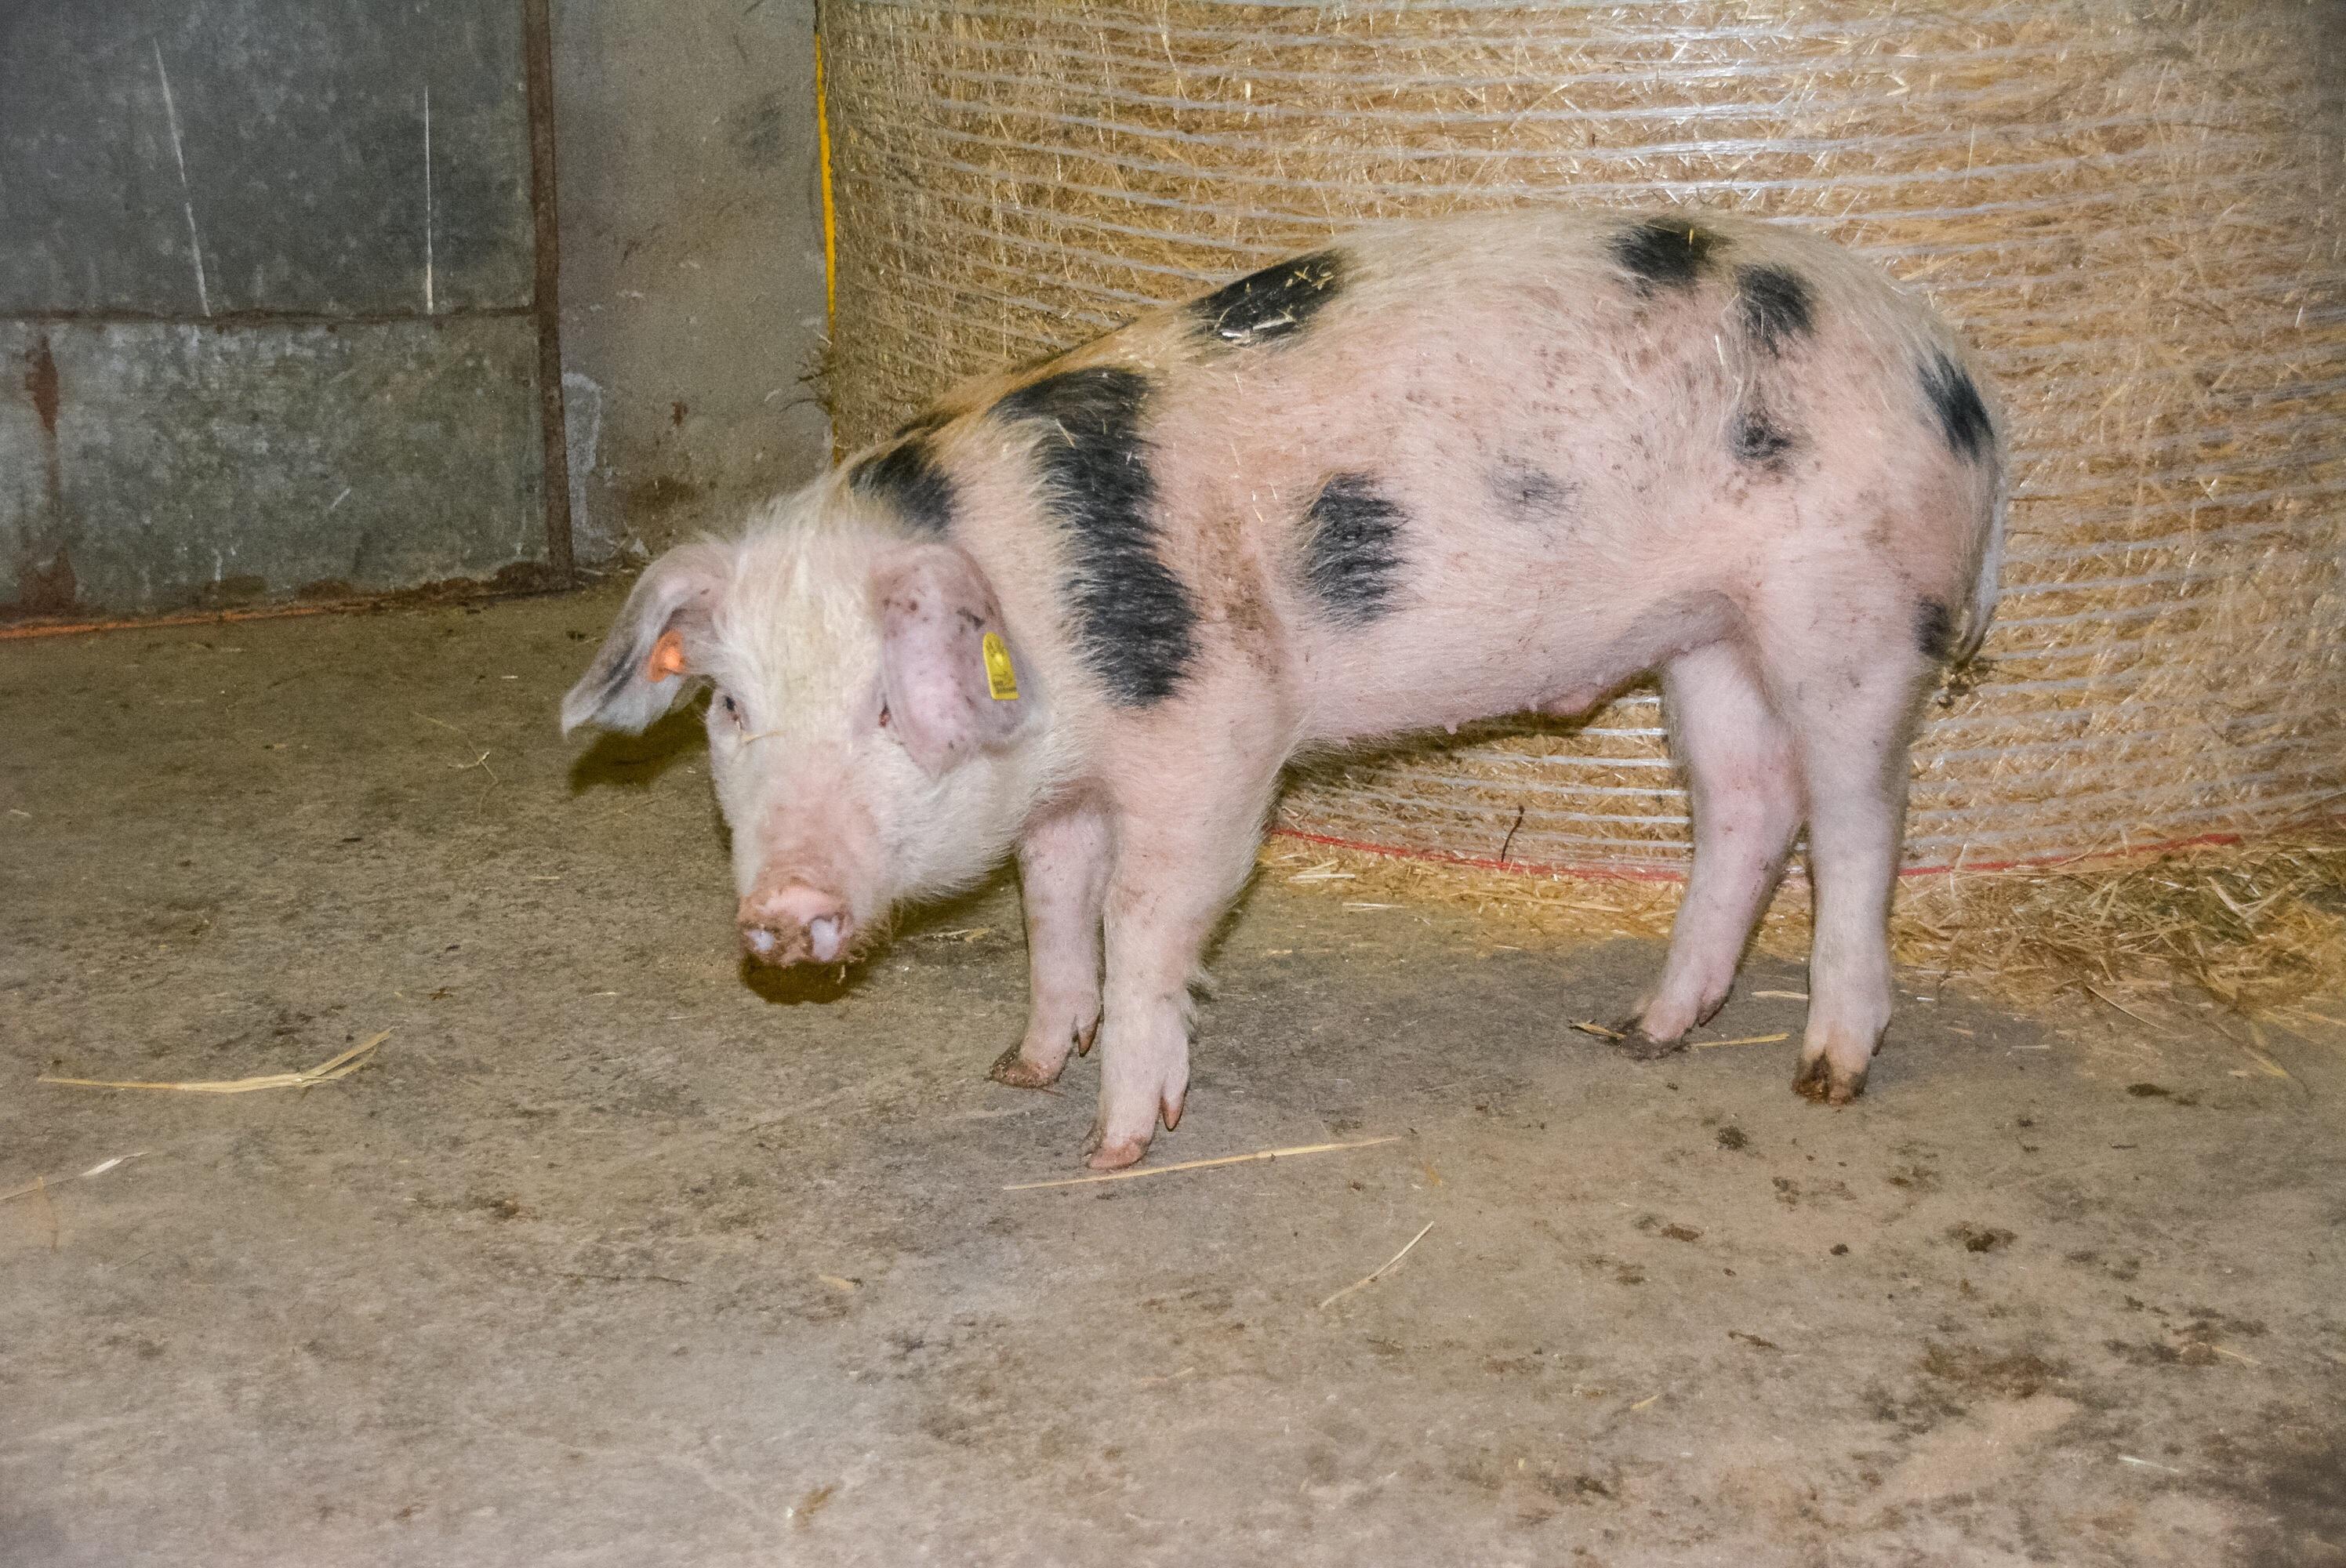 Wie man auf natürliche Weise große Schweine bekommt